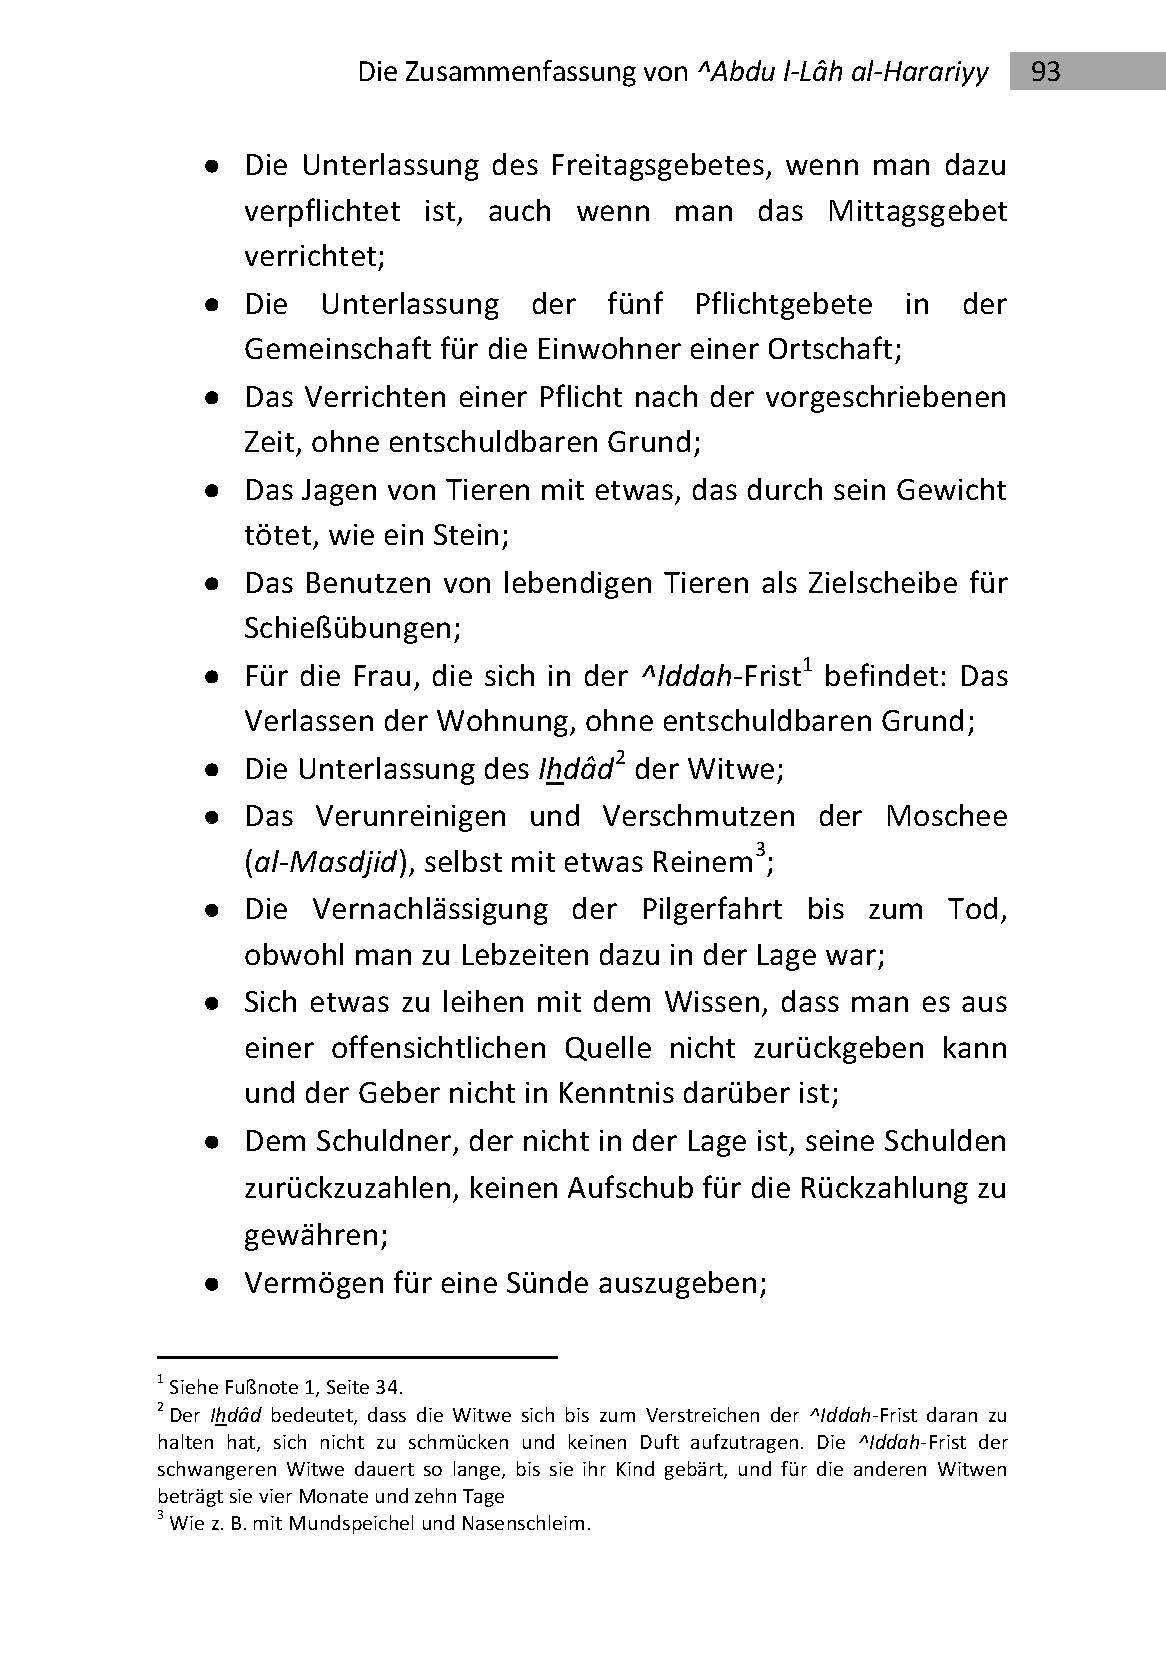 Die Zusammenfassung - 3. Auflage 2014_Seite_93